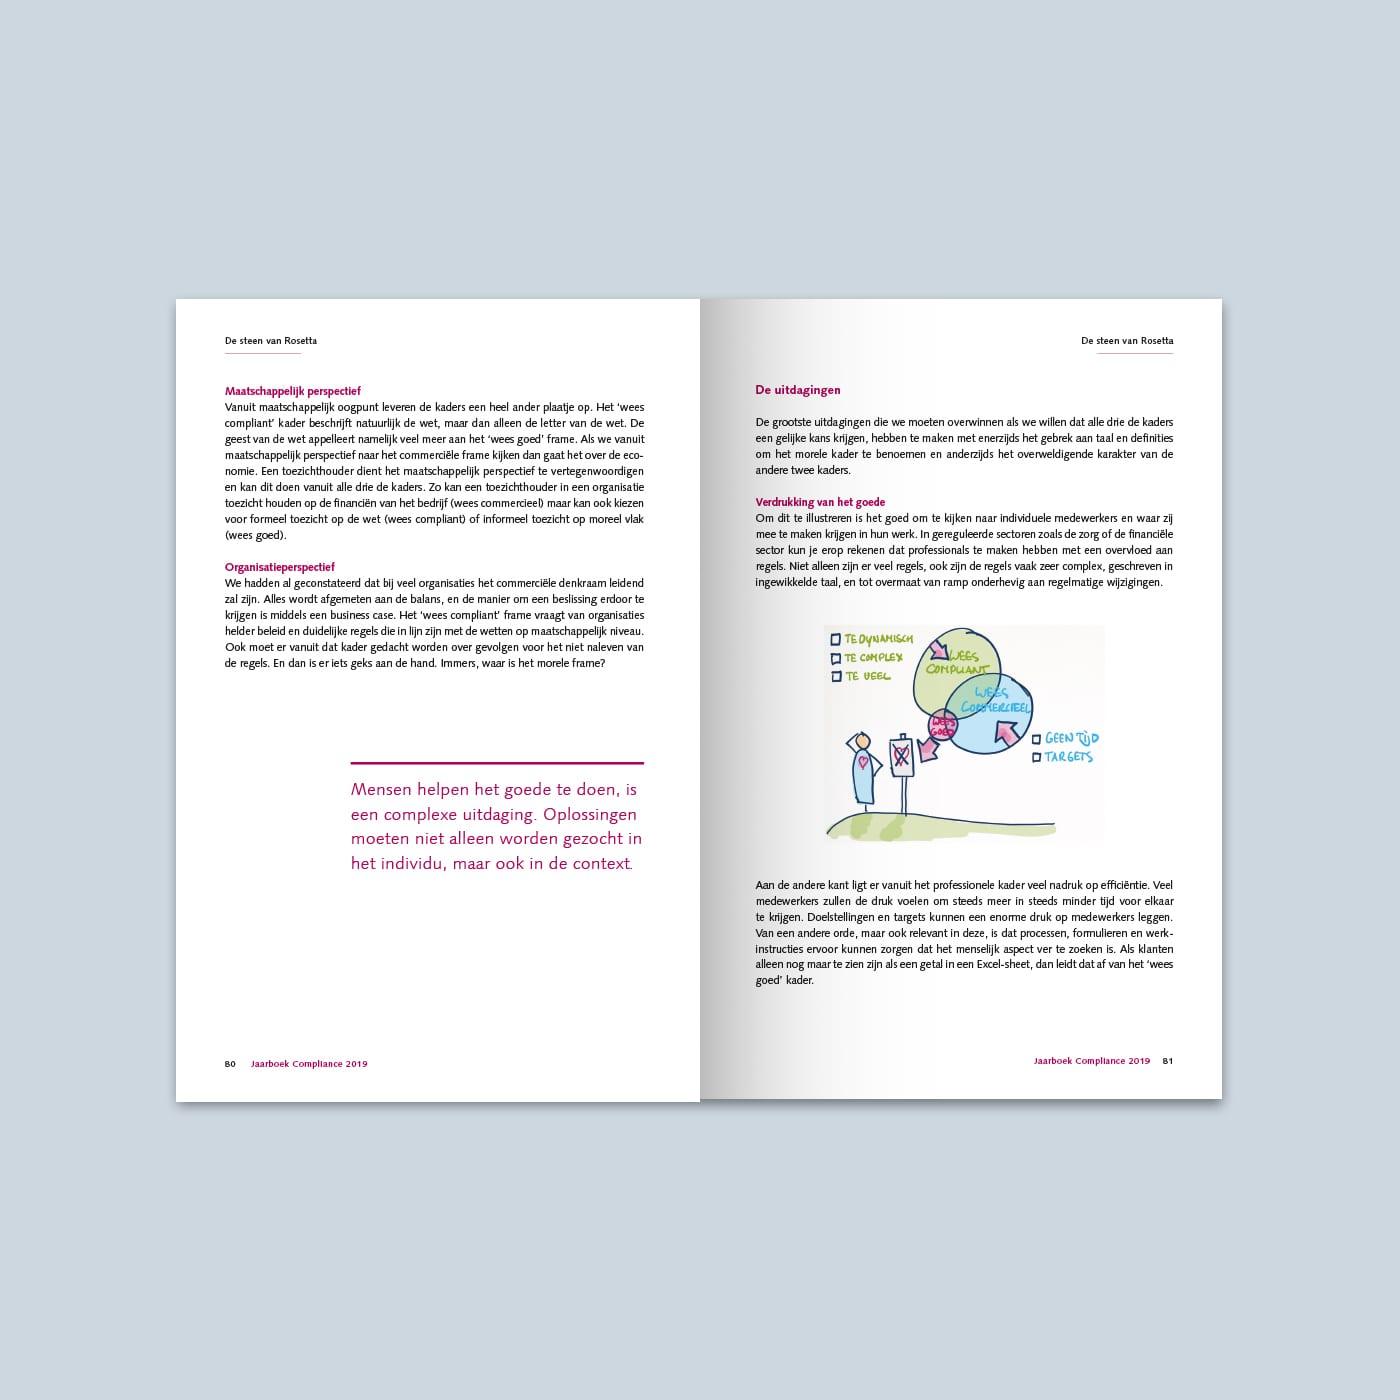 Jaarboek Compliance 2019 binnenwerk 6